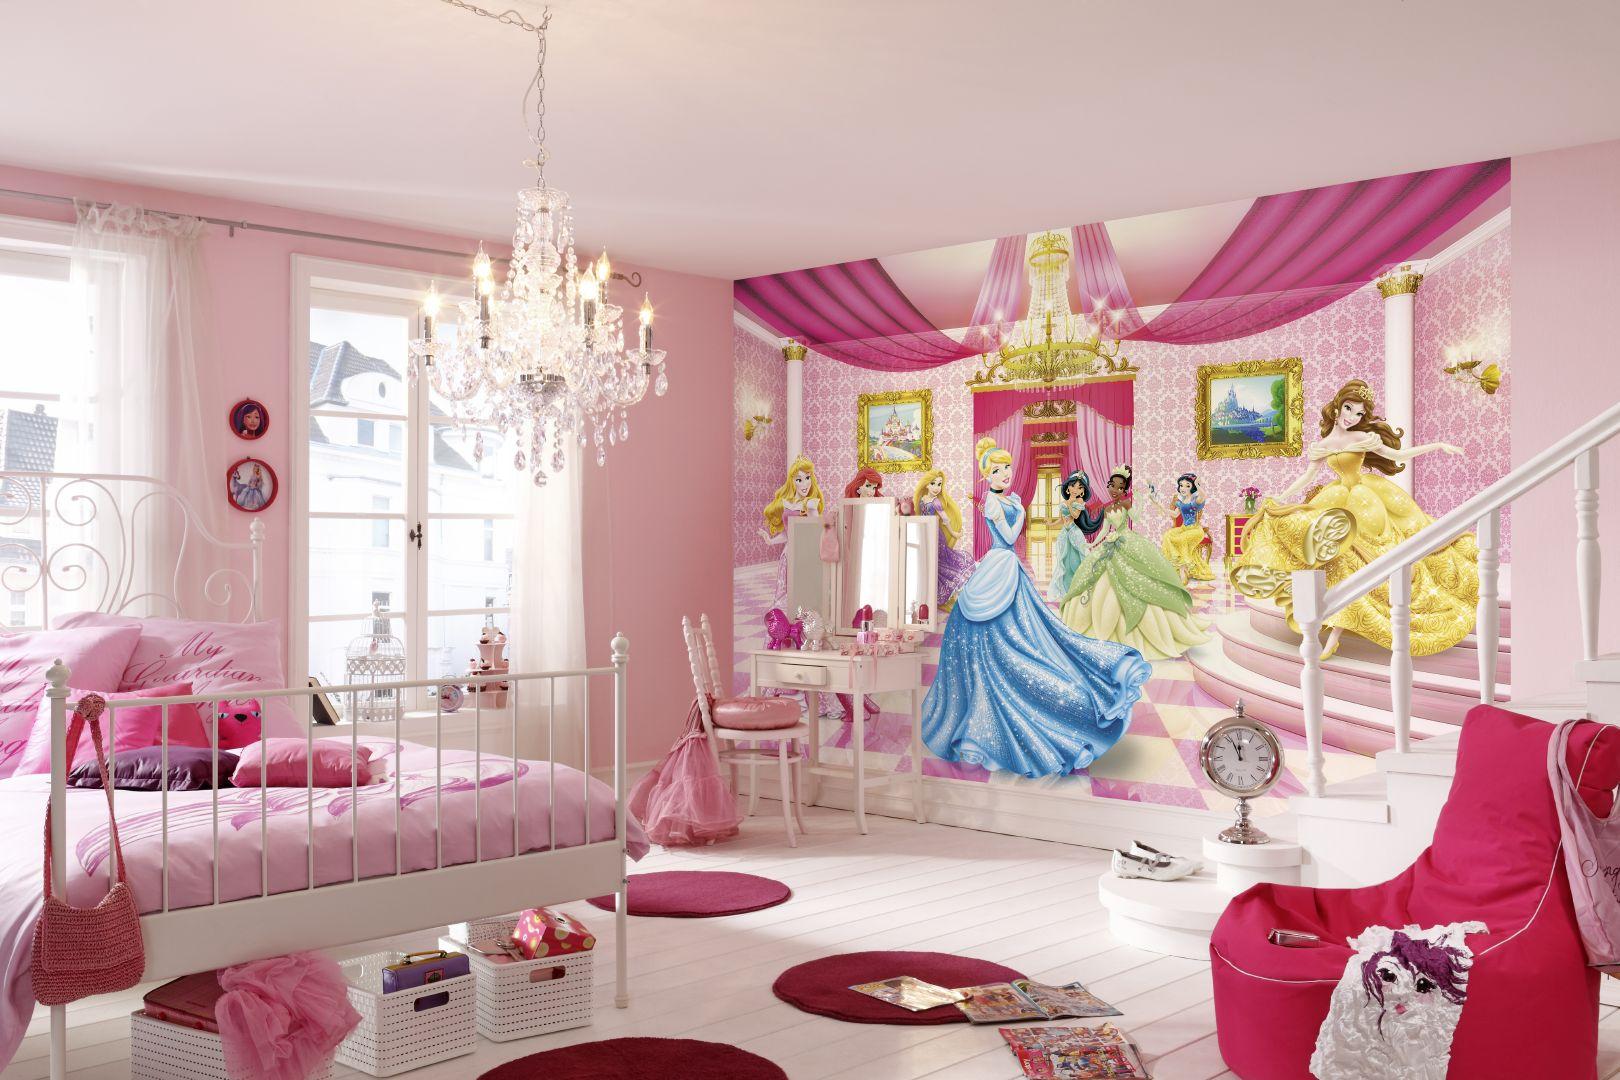 Детские фотообои на стену «Принцессы ...: 100oboi.ru/catalog/fotooboi/komar_4_parts2/komar_8_476_princess...